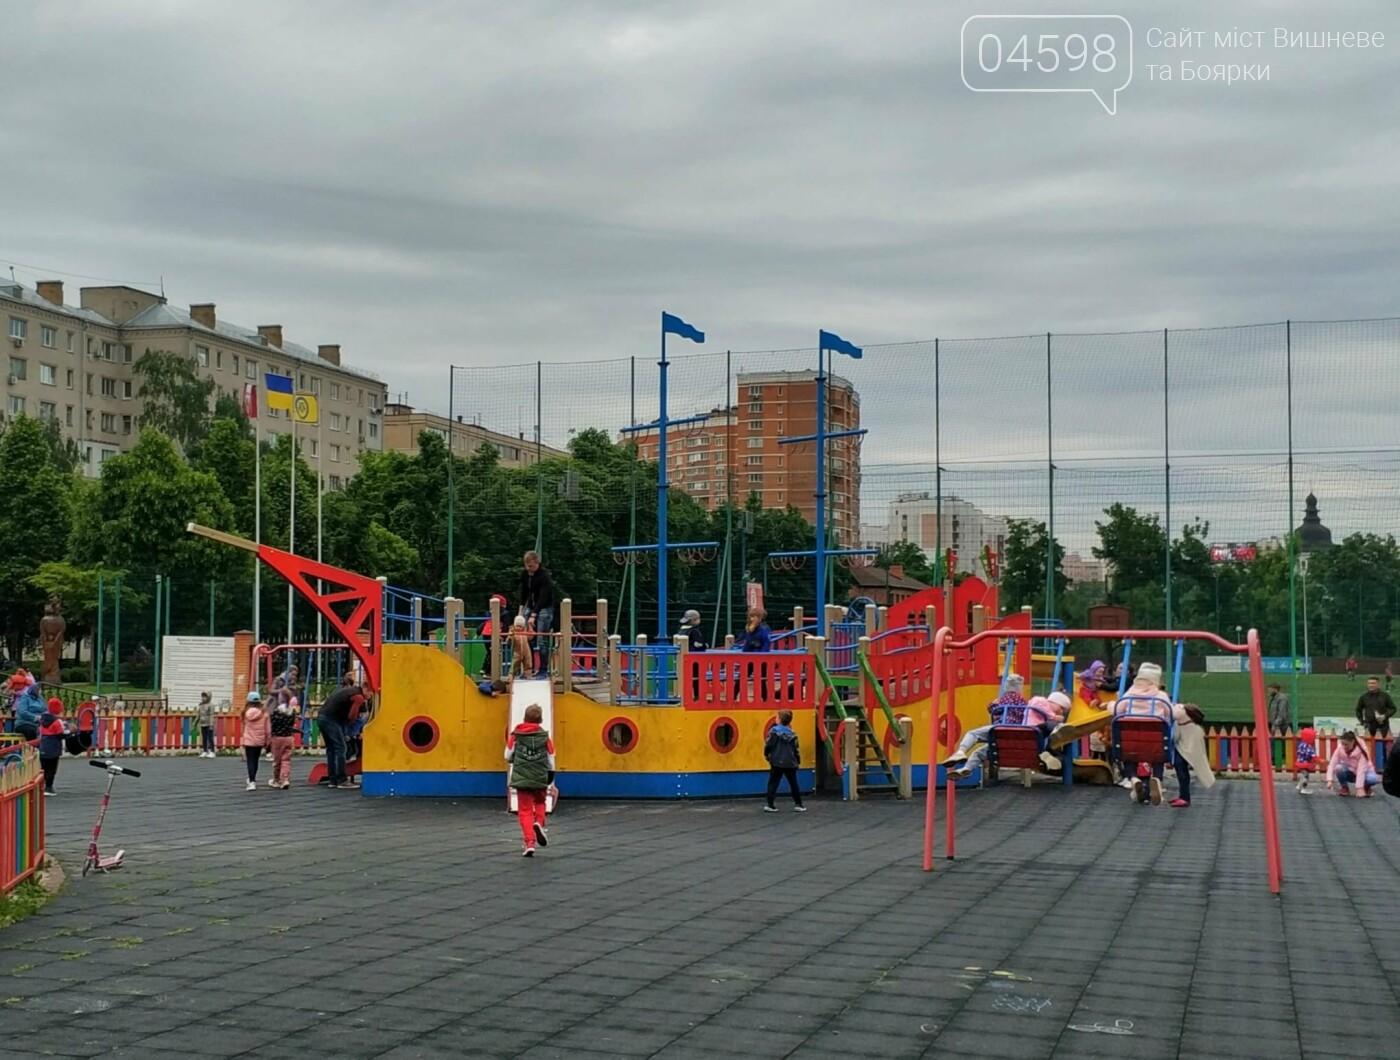 У Вишневому та Крюківщині триває ремонт дитячих майданчиків: до та після, фото-4